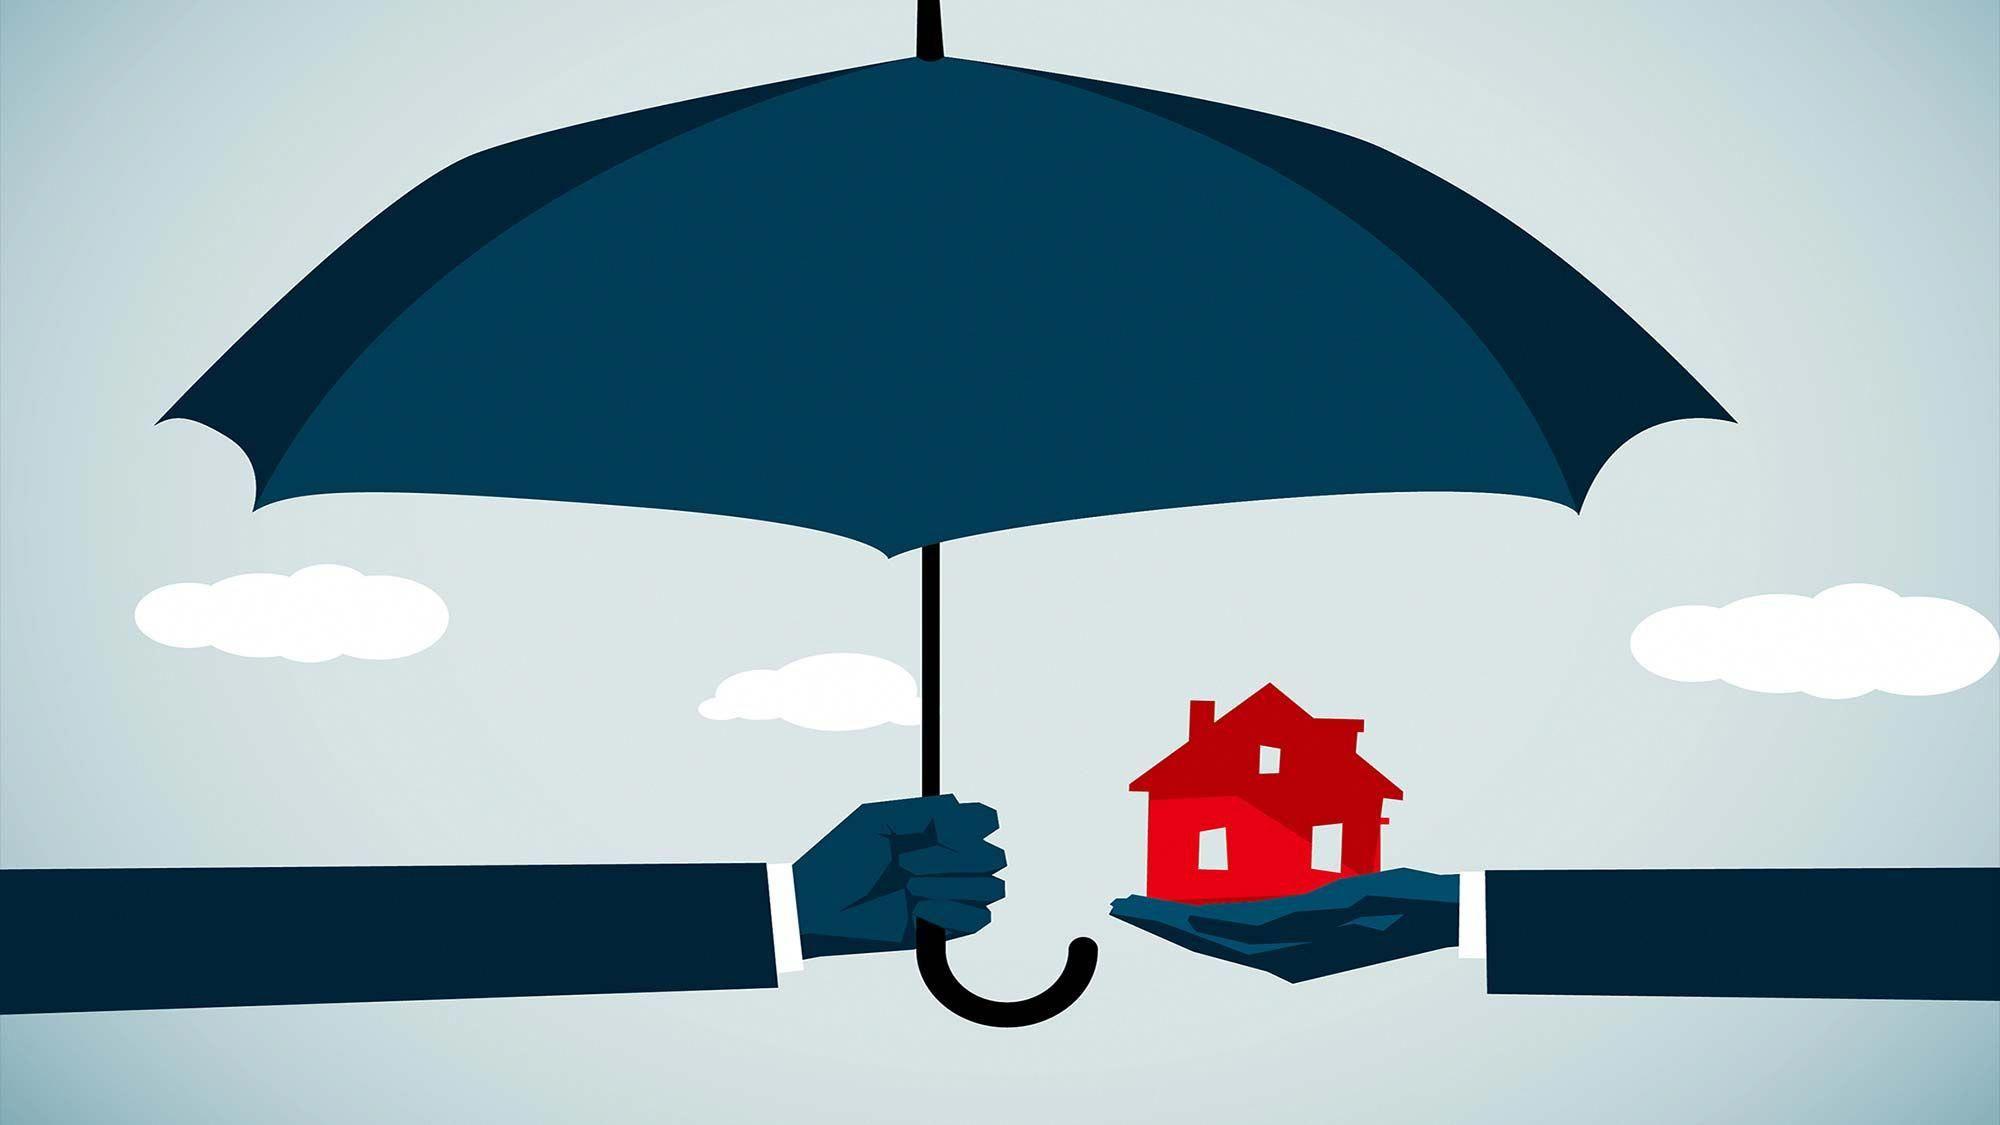 Aaa Homeowner Insurance Besthomeownerinsurance Homeowners